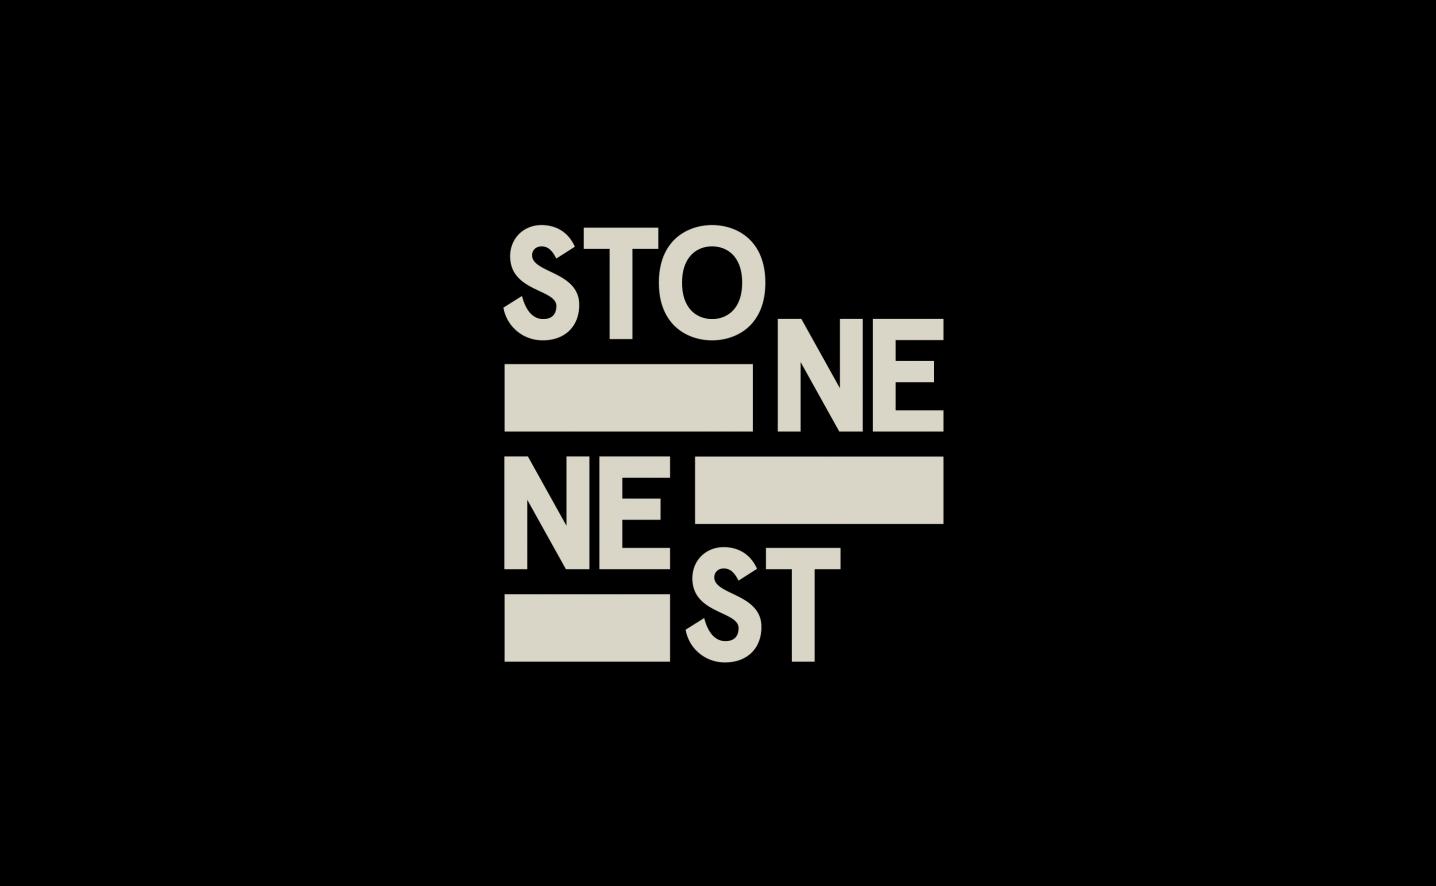 StoneNest2